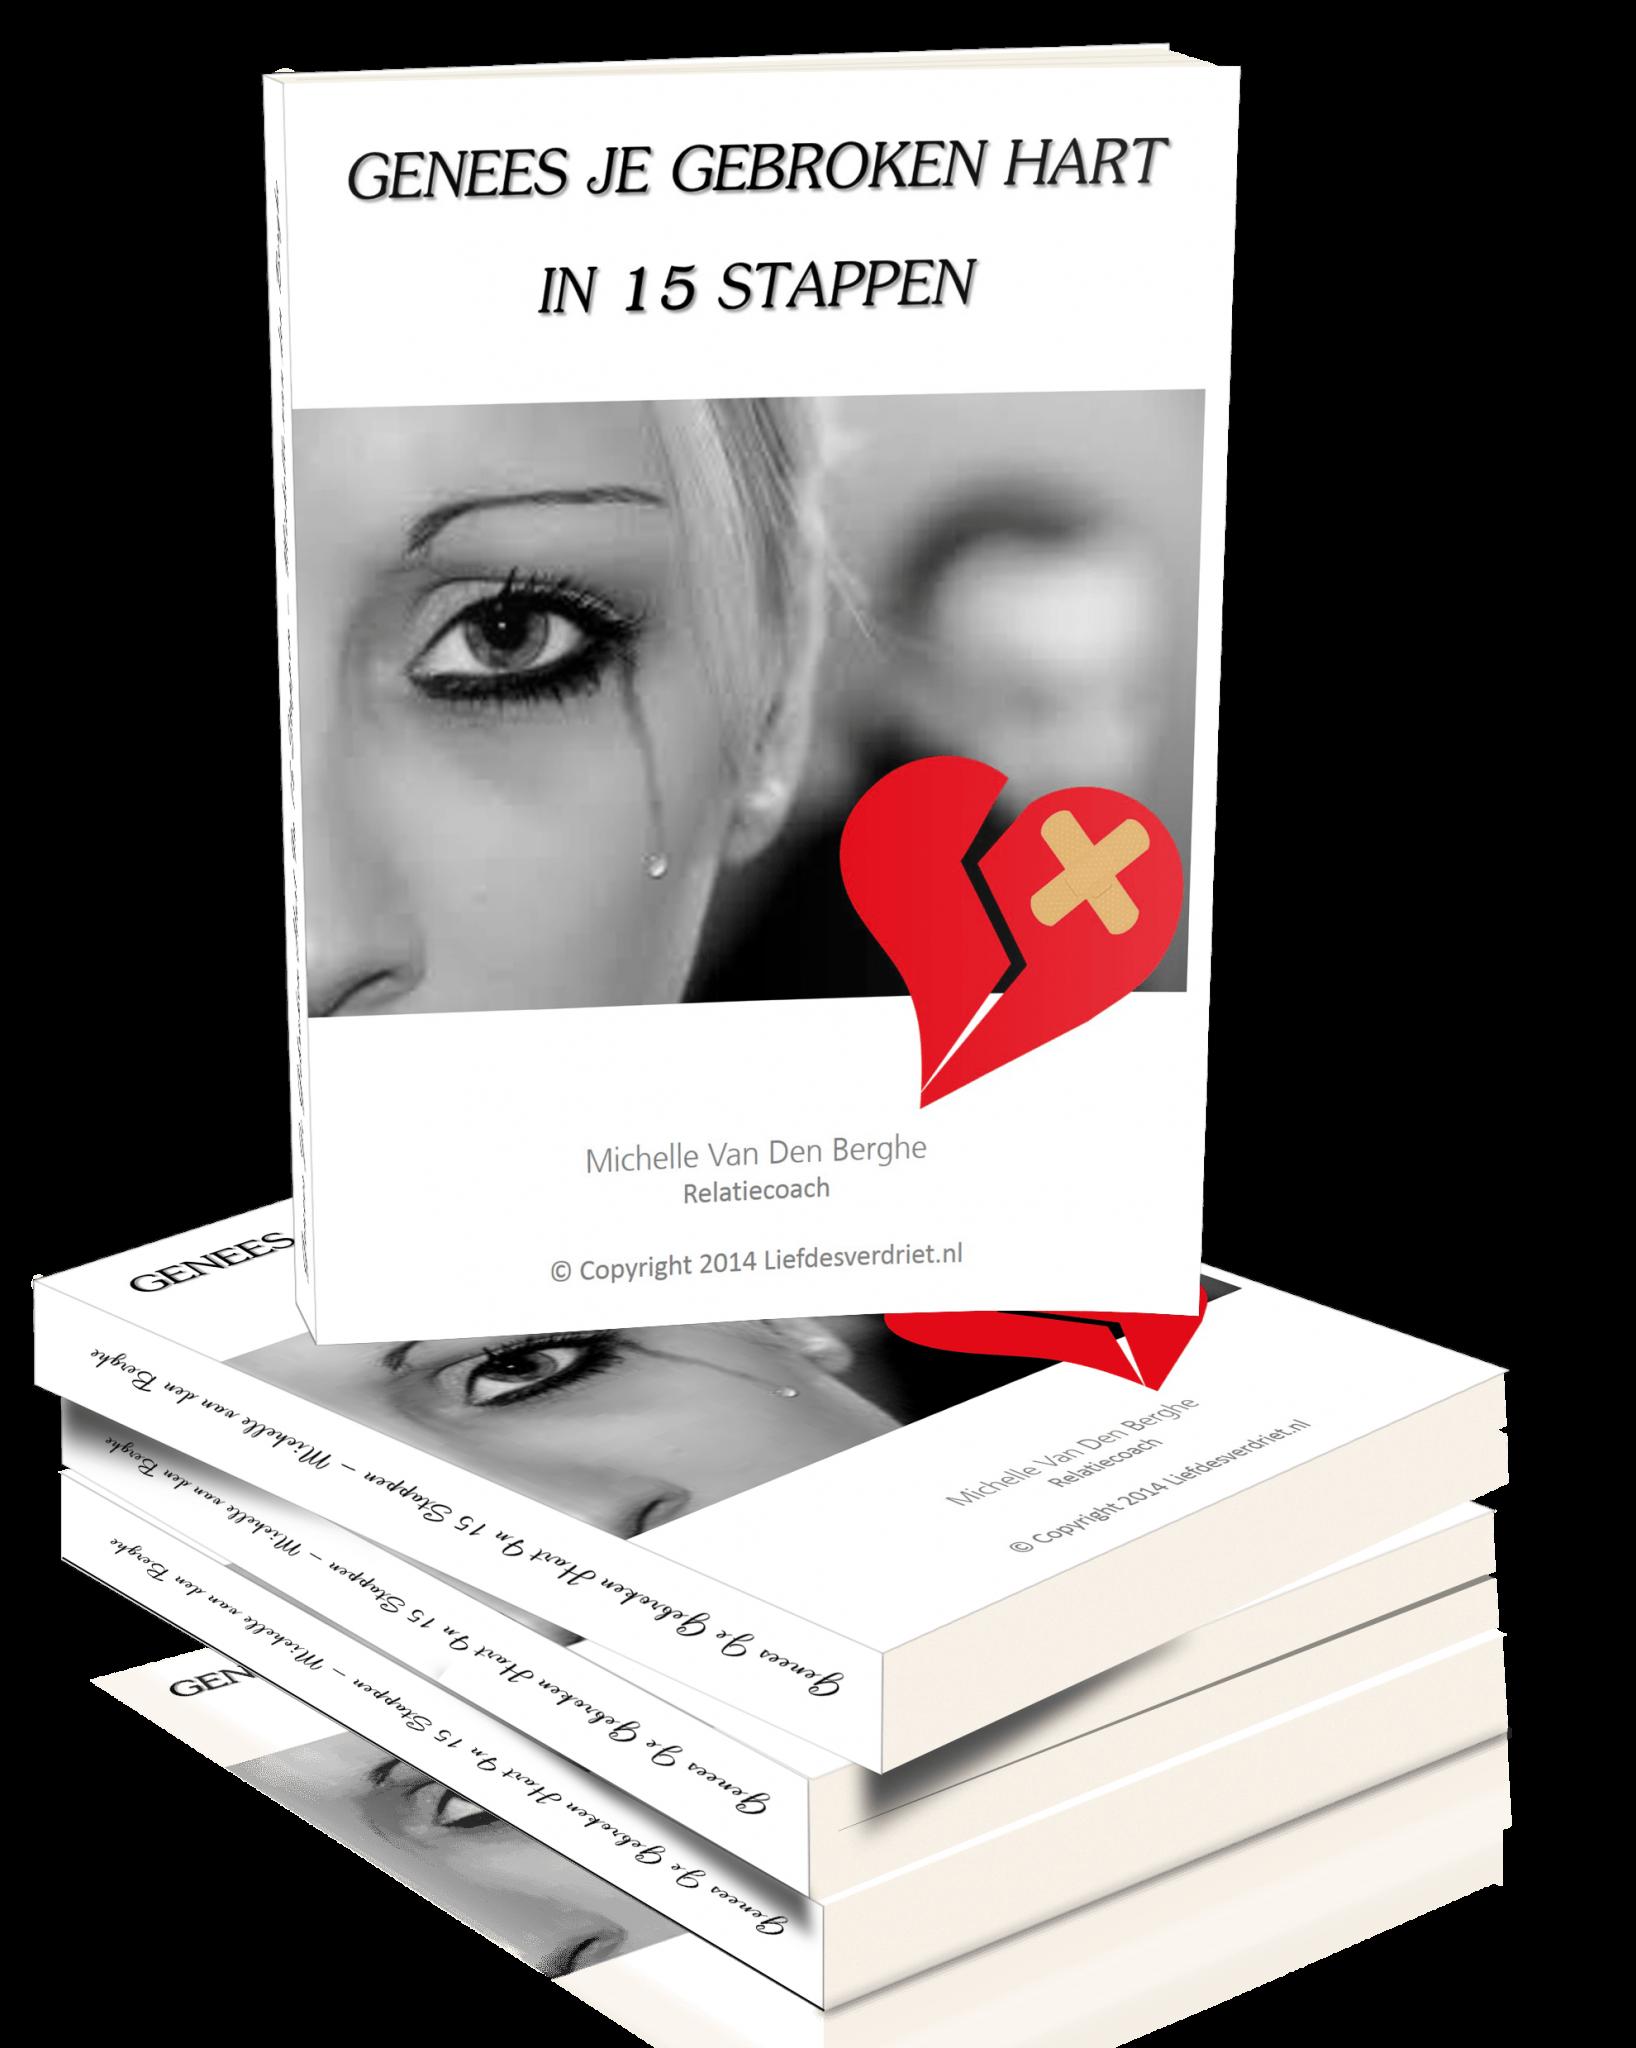 genees je gebroken hart in 15 stappen